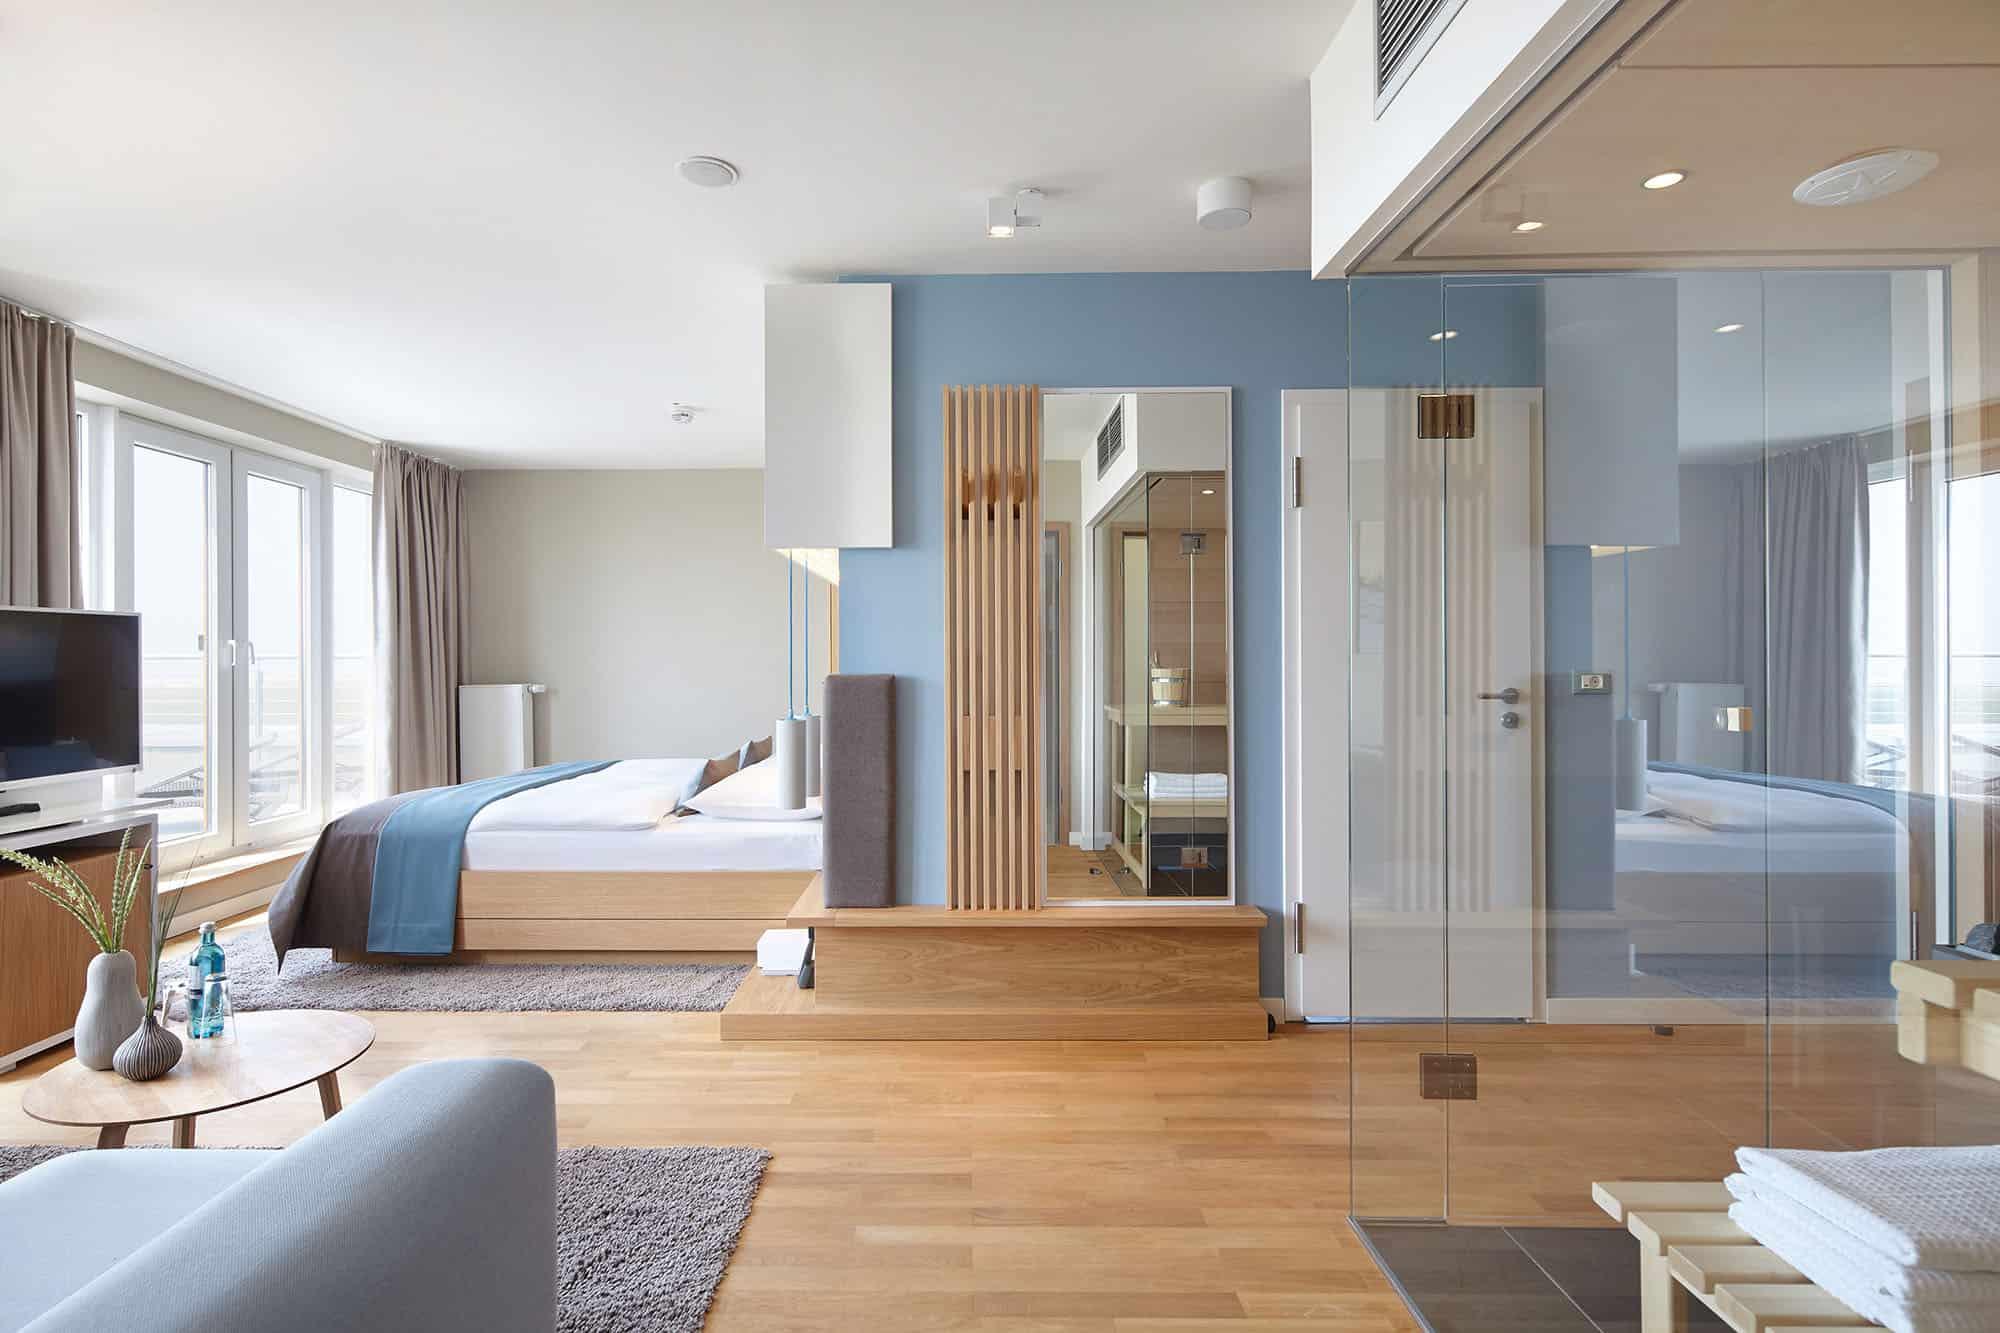 Suite im StrandGut Resort mit